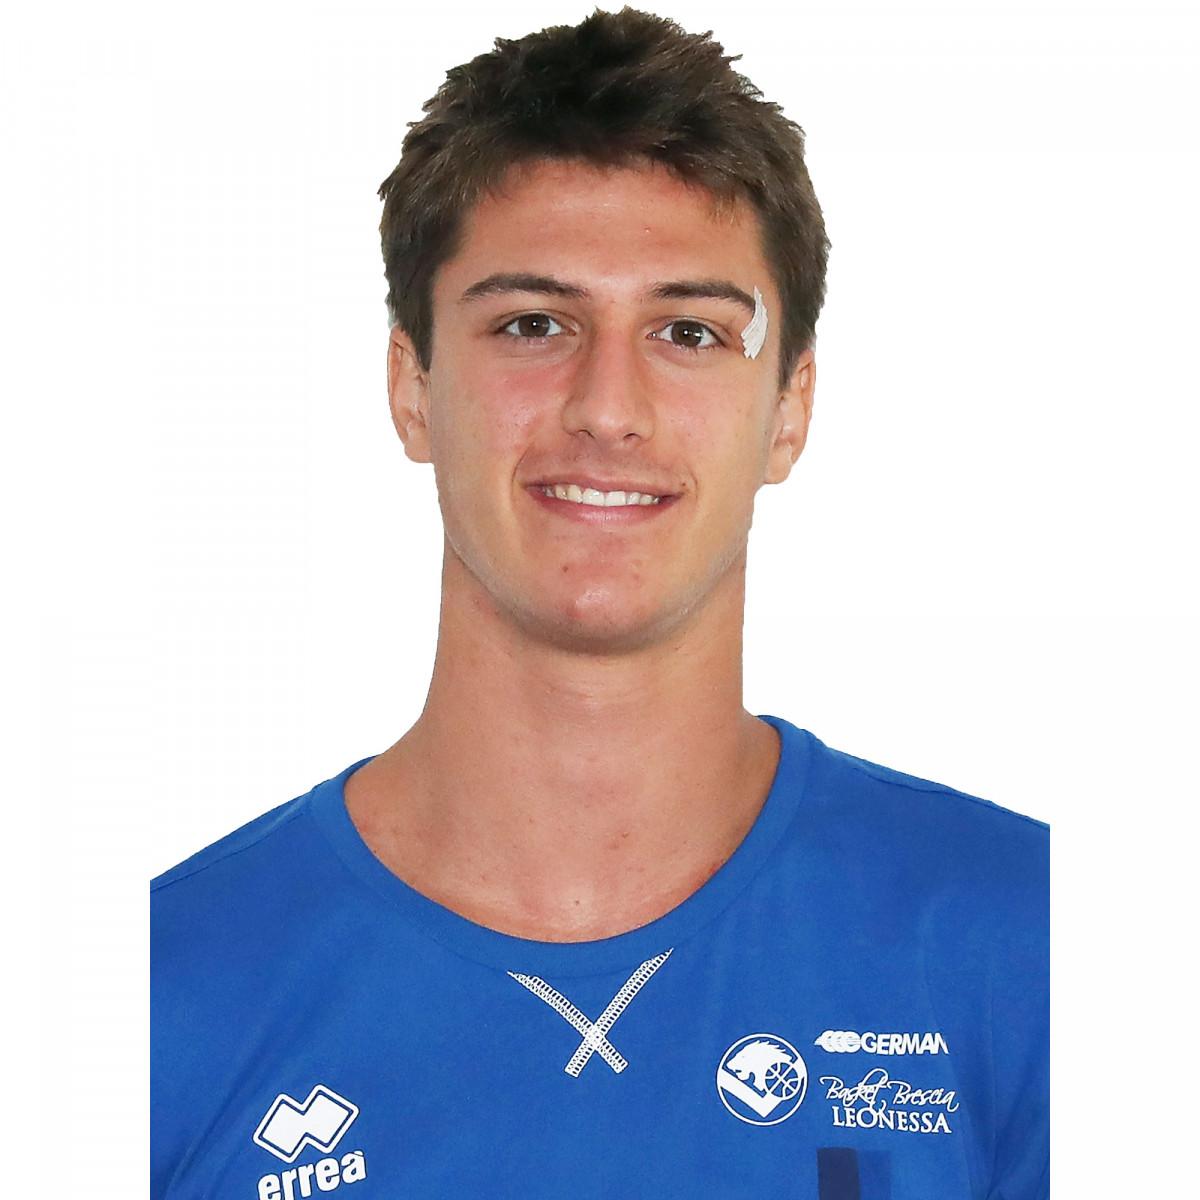 Photo of Alessandro Naoni, 2019-2020 season